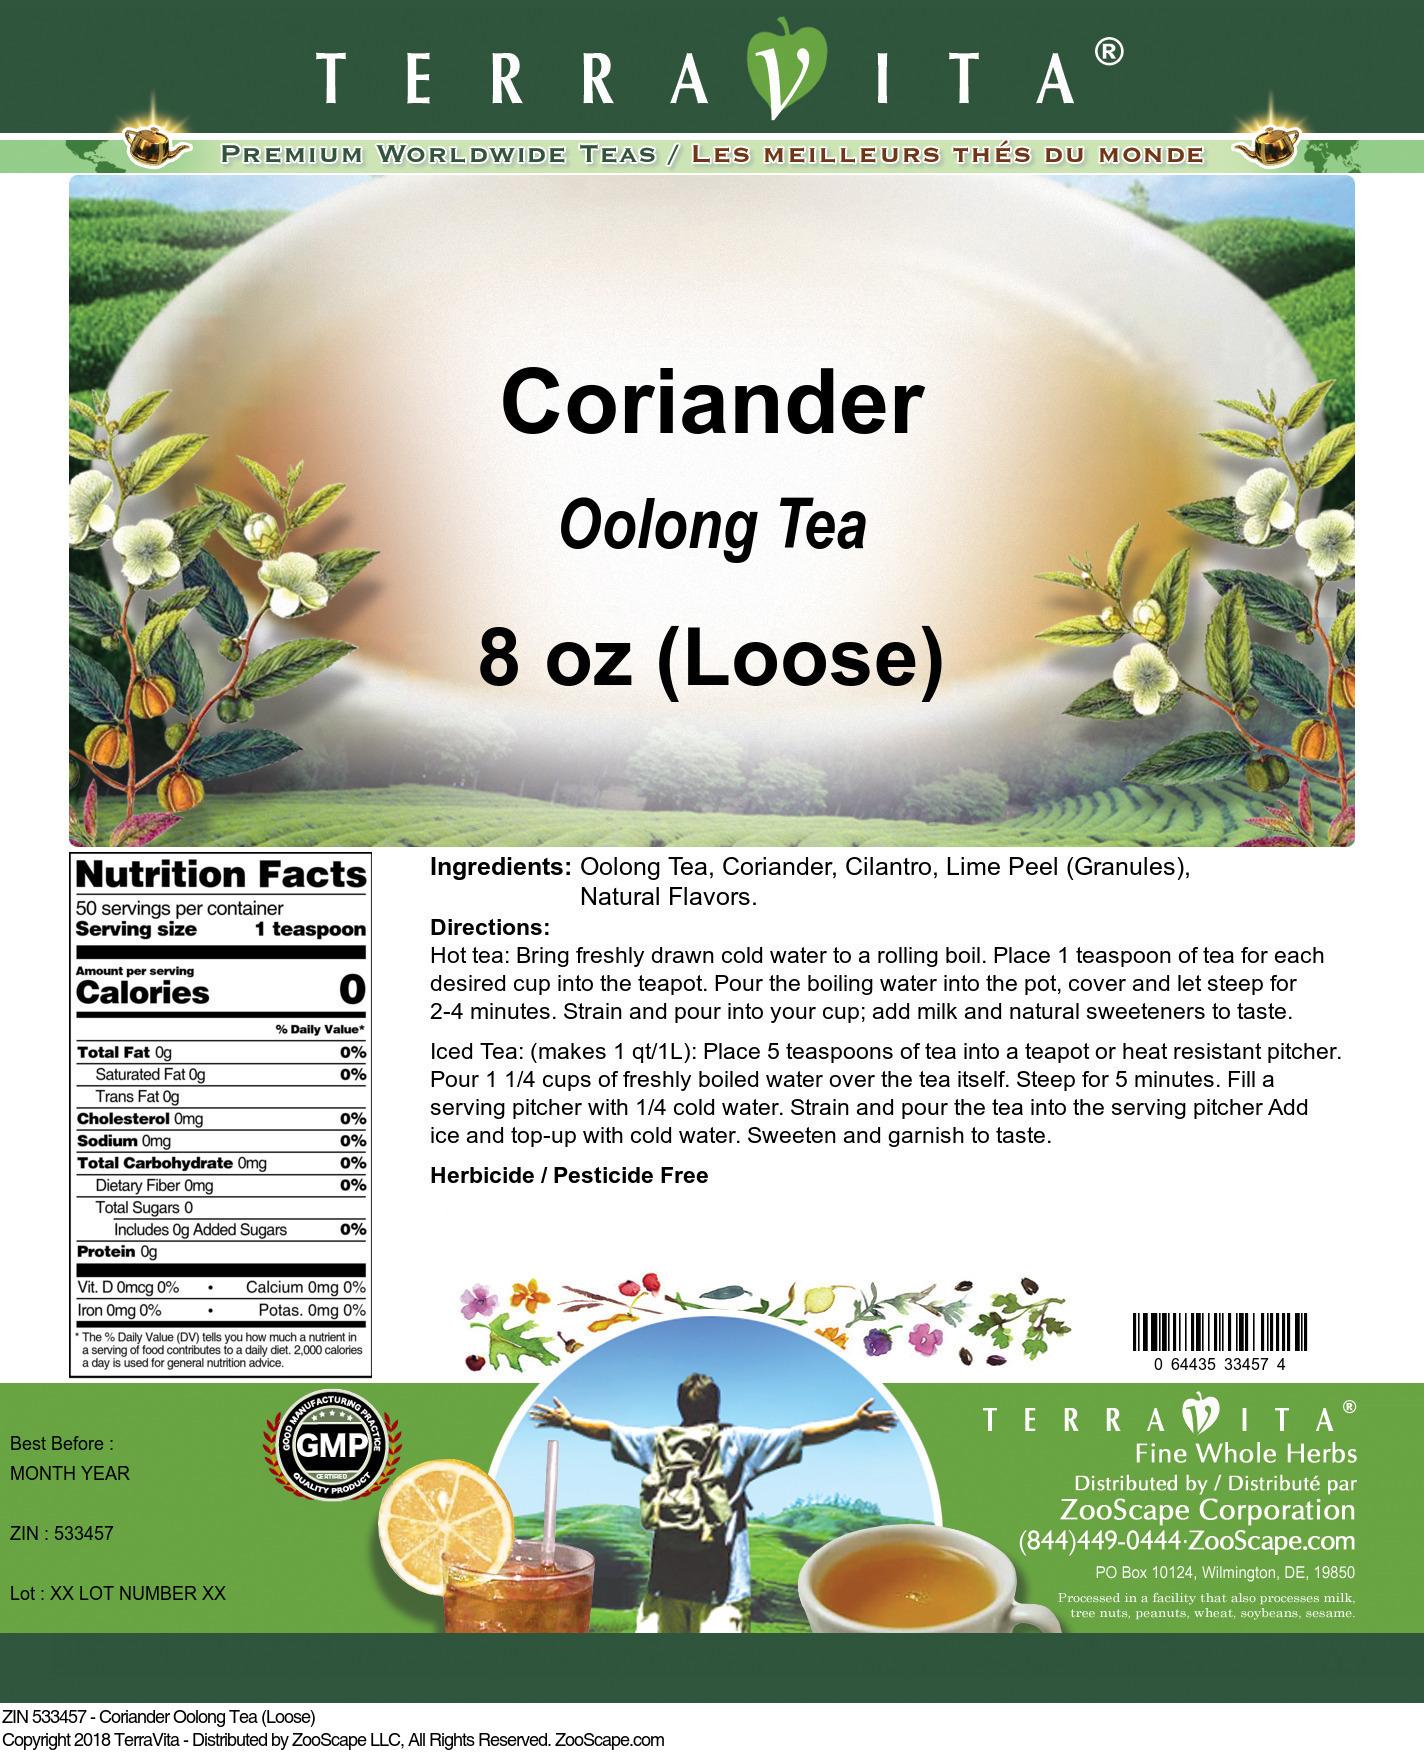 Coriander Oolong Tea (Loose)